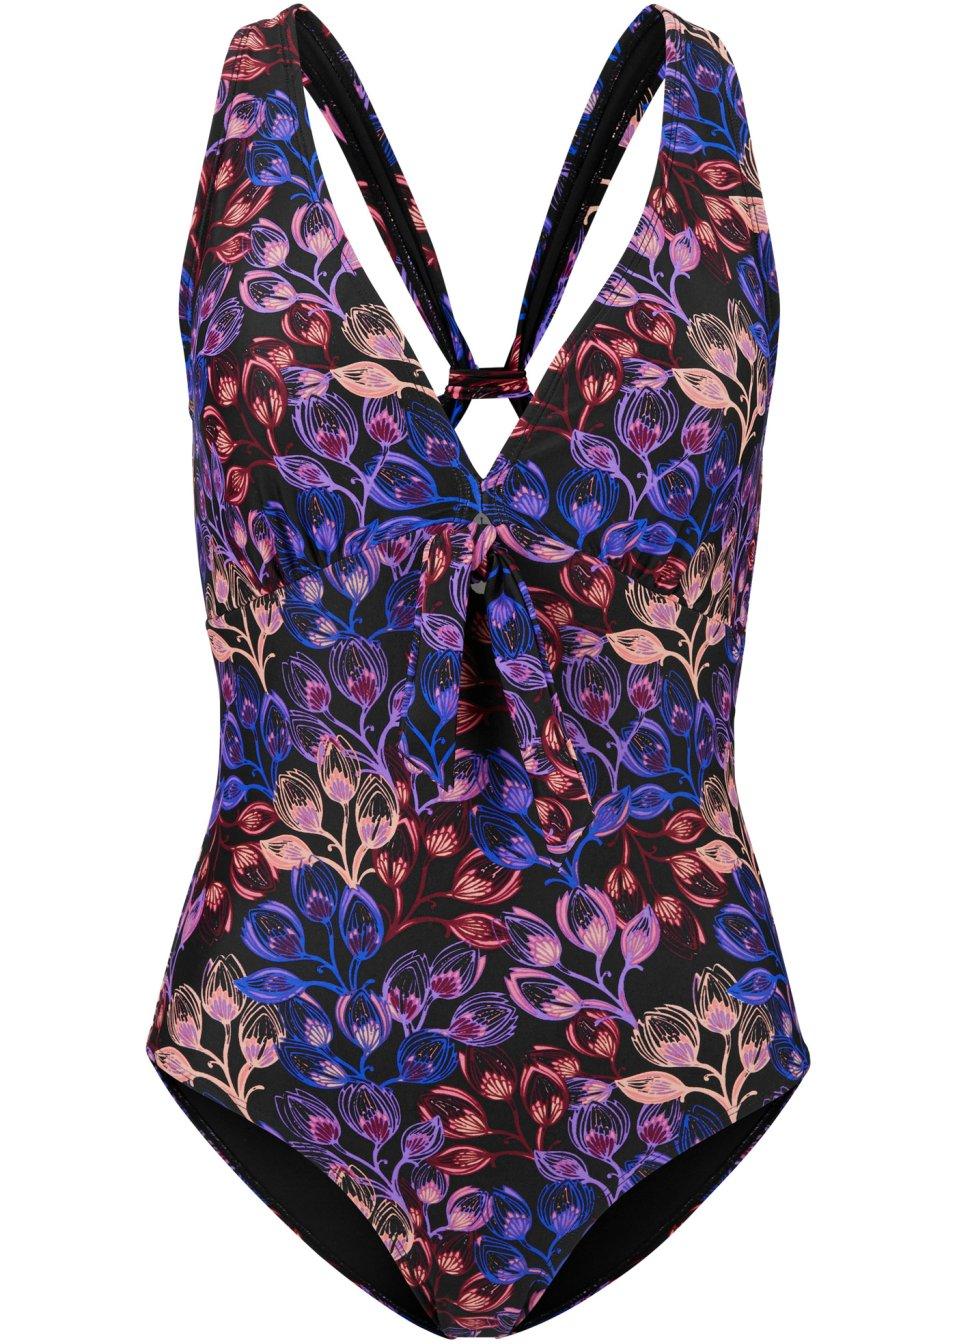 Modischer Badeanzug mit Schnürung am Ausschnitt und Boxer Rücken - schwarz/lila/pink bedruckt 3dlDL Vl5O7